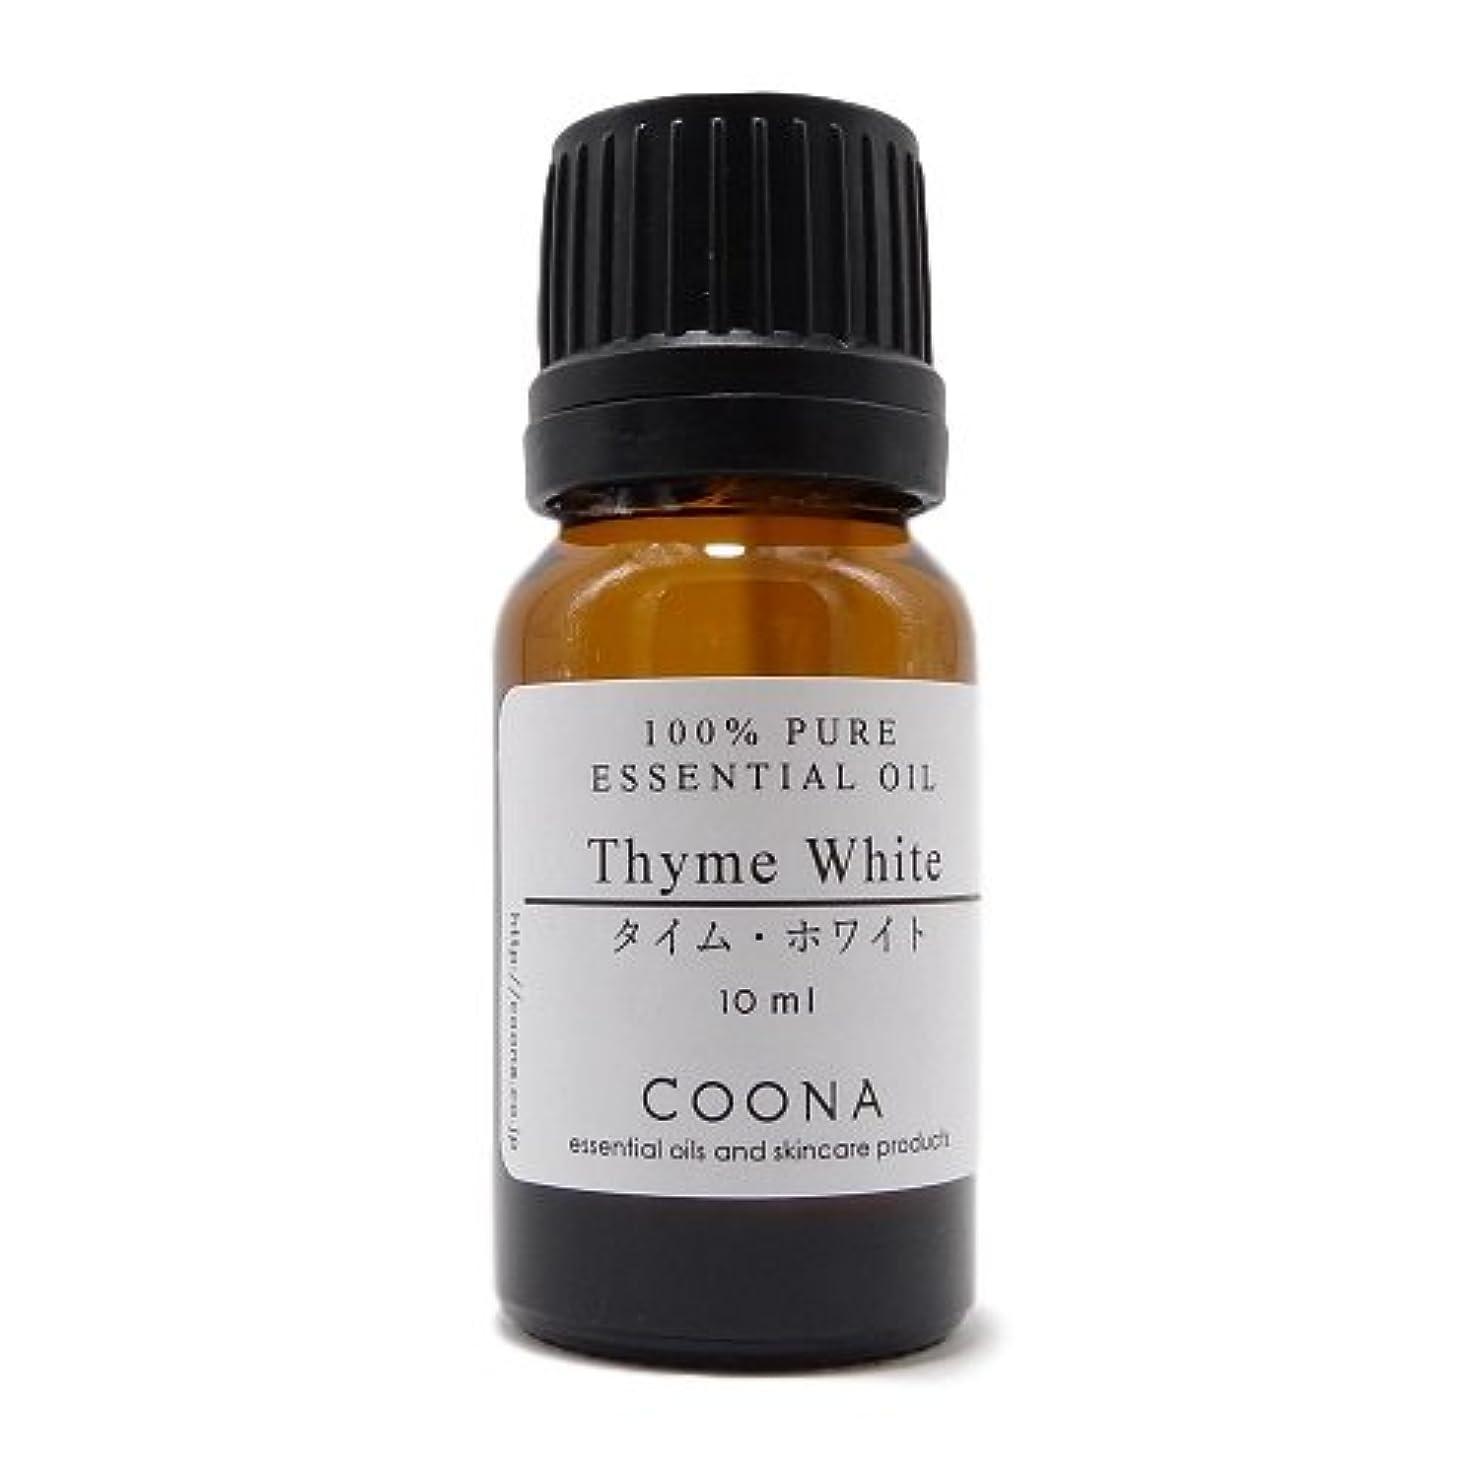 若者外科医電池タイム ホワイト 10 ml (COONA エッセンシャルオイル アロマオイル 100%天然植物精油)